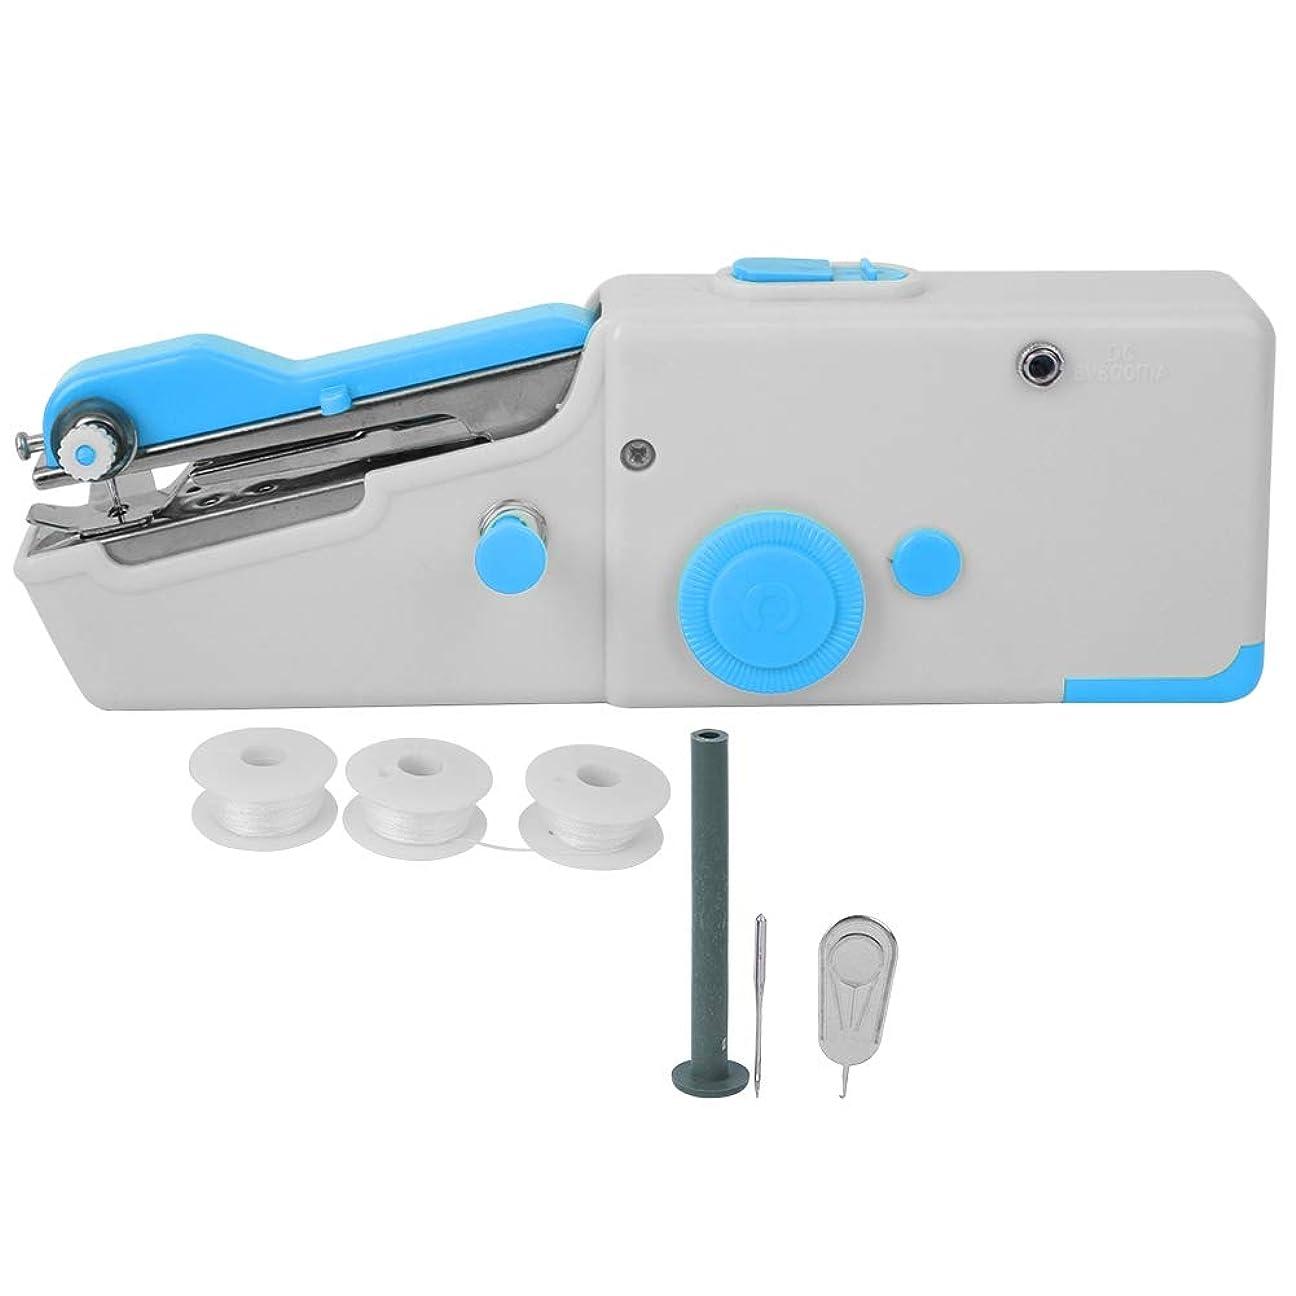 先昼寝脱獄手縫いミシン、携帯用DIYミニ家庭用電気縫い針仕事ツール(青い)